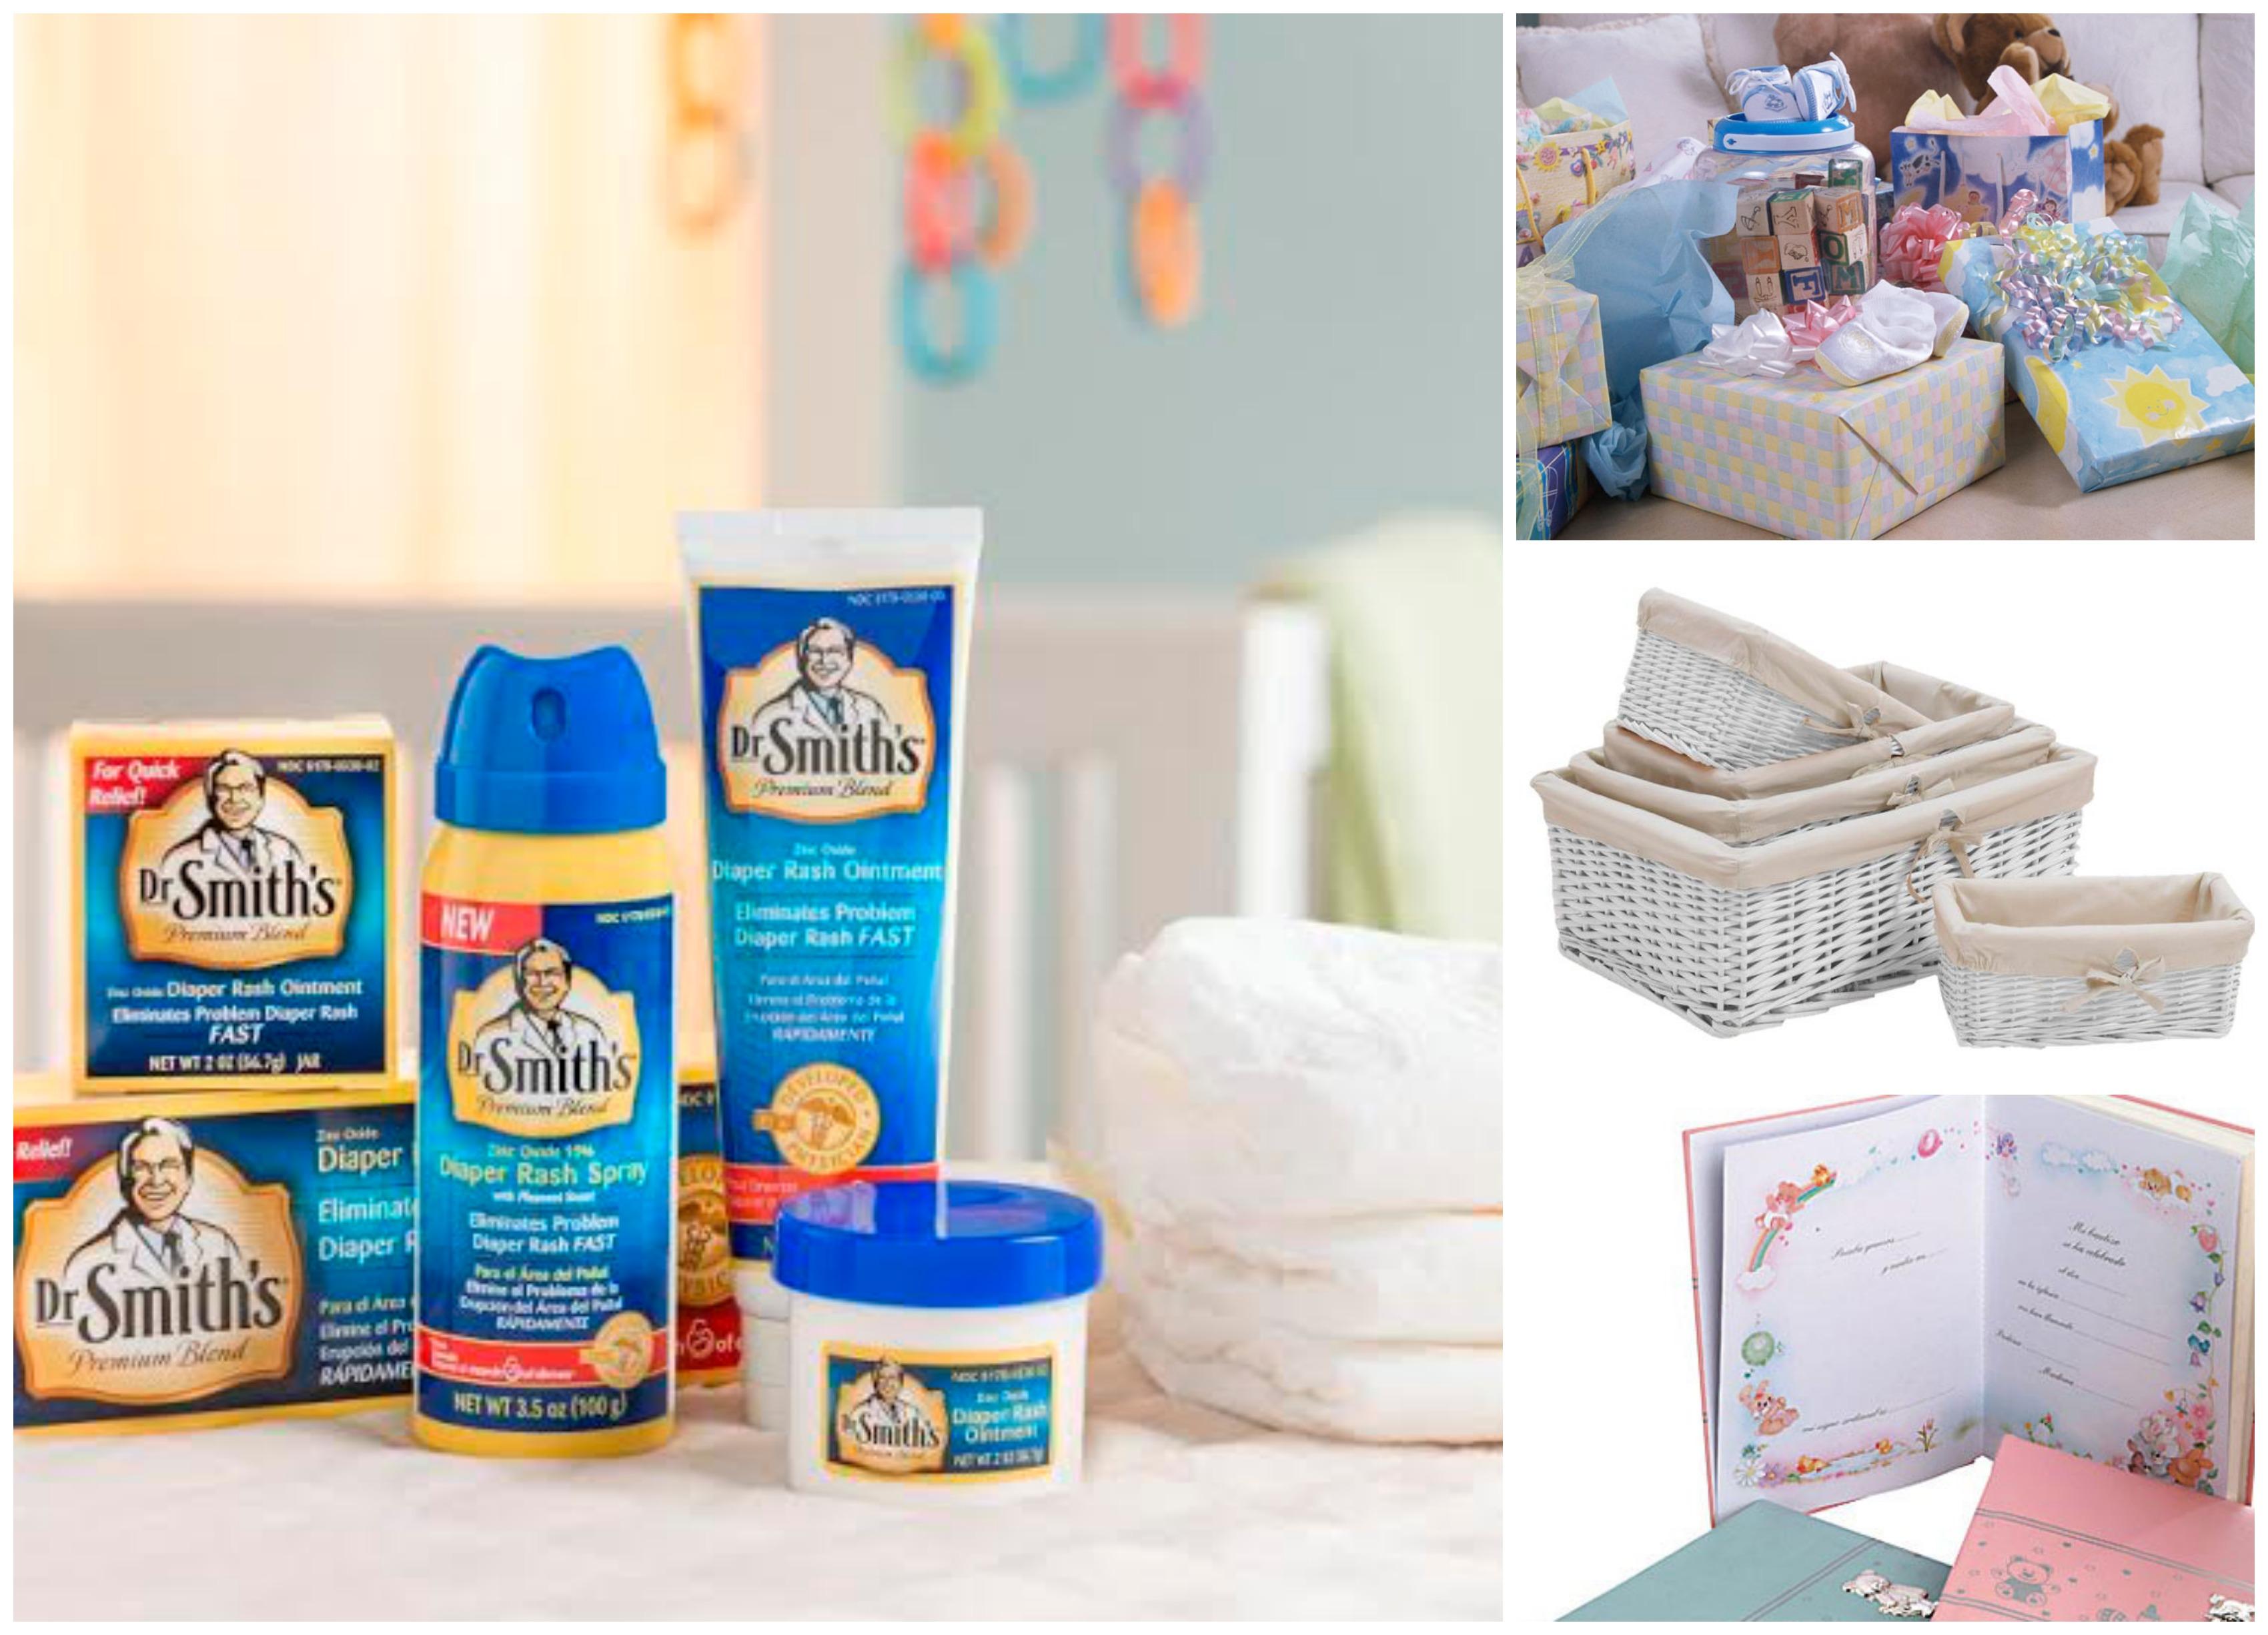 Que Regalos Se Piden En Un Baby Shower.Regalos Esenciales Para Un Baby Shower Sorteo Mama Noticias